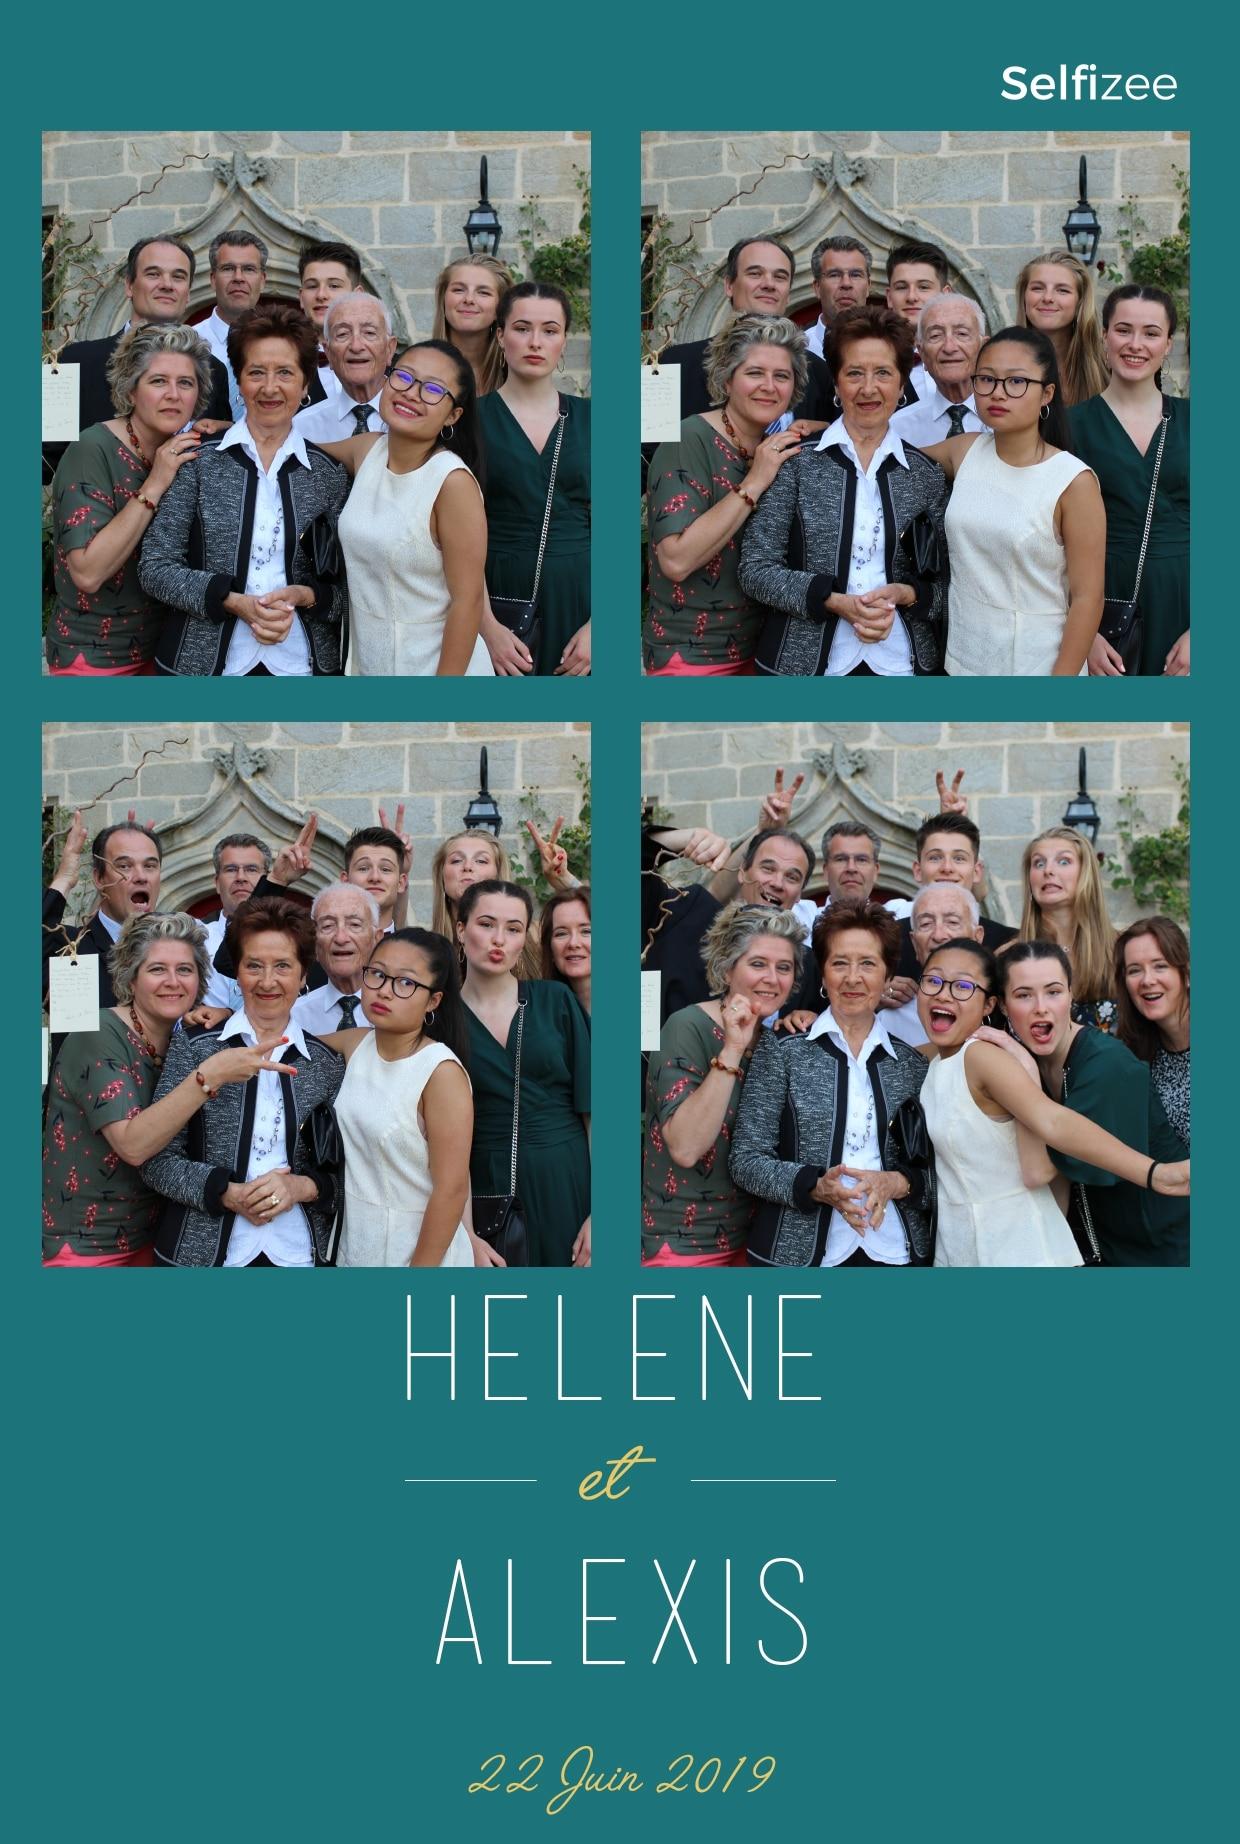 Photo mariage personnalisée avec selfie box à louer à Nantes et en Loire Atlantique pour animation mariage, fête, anniversaire ou baptême